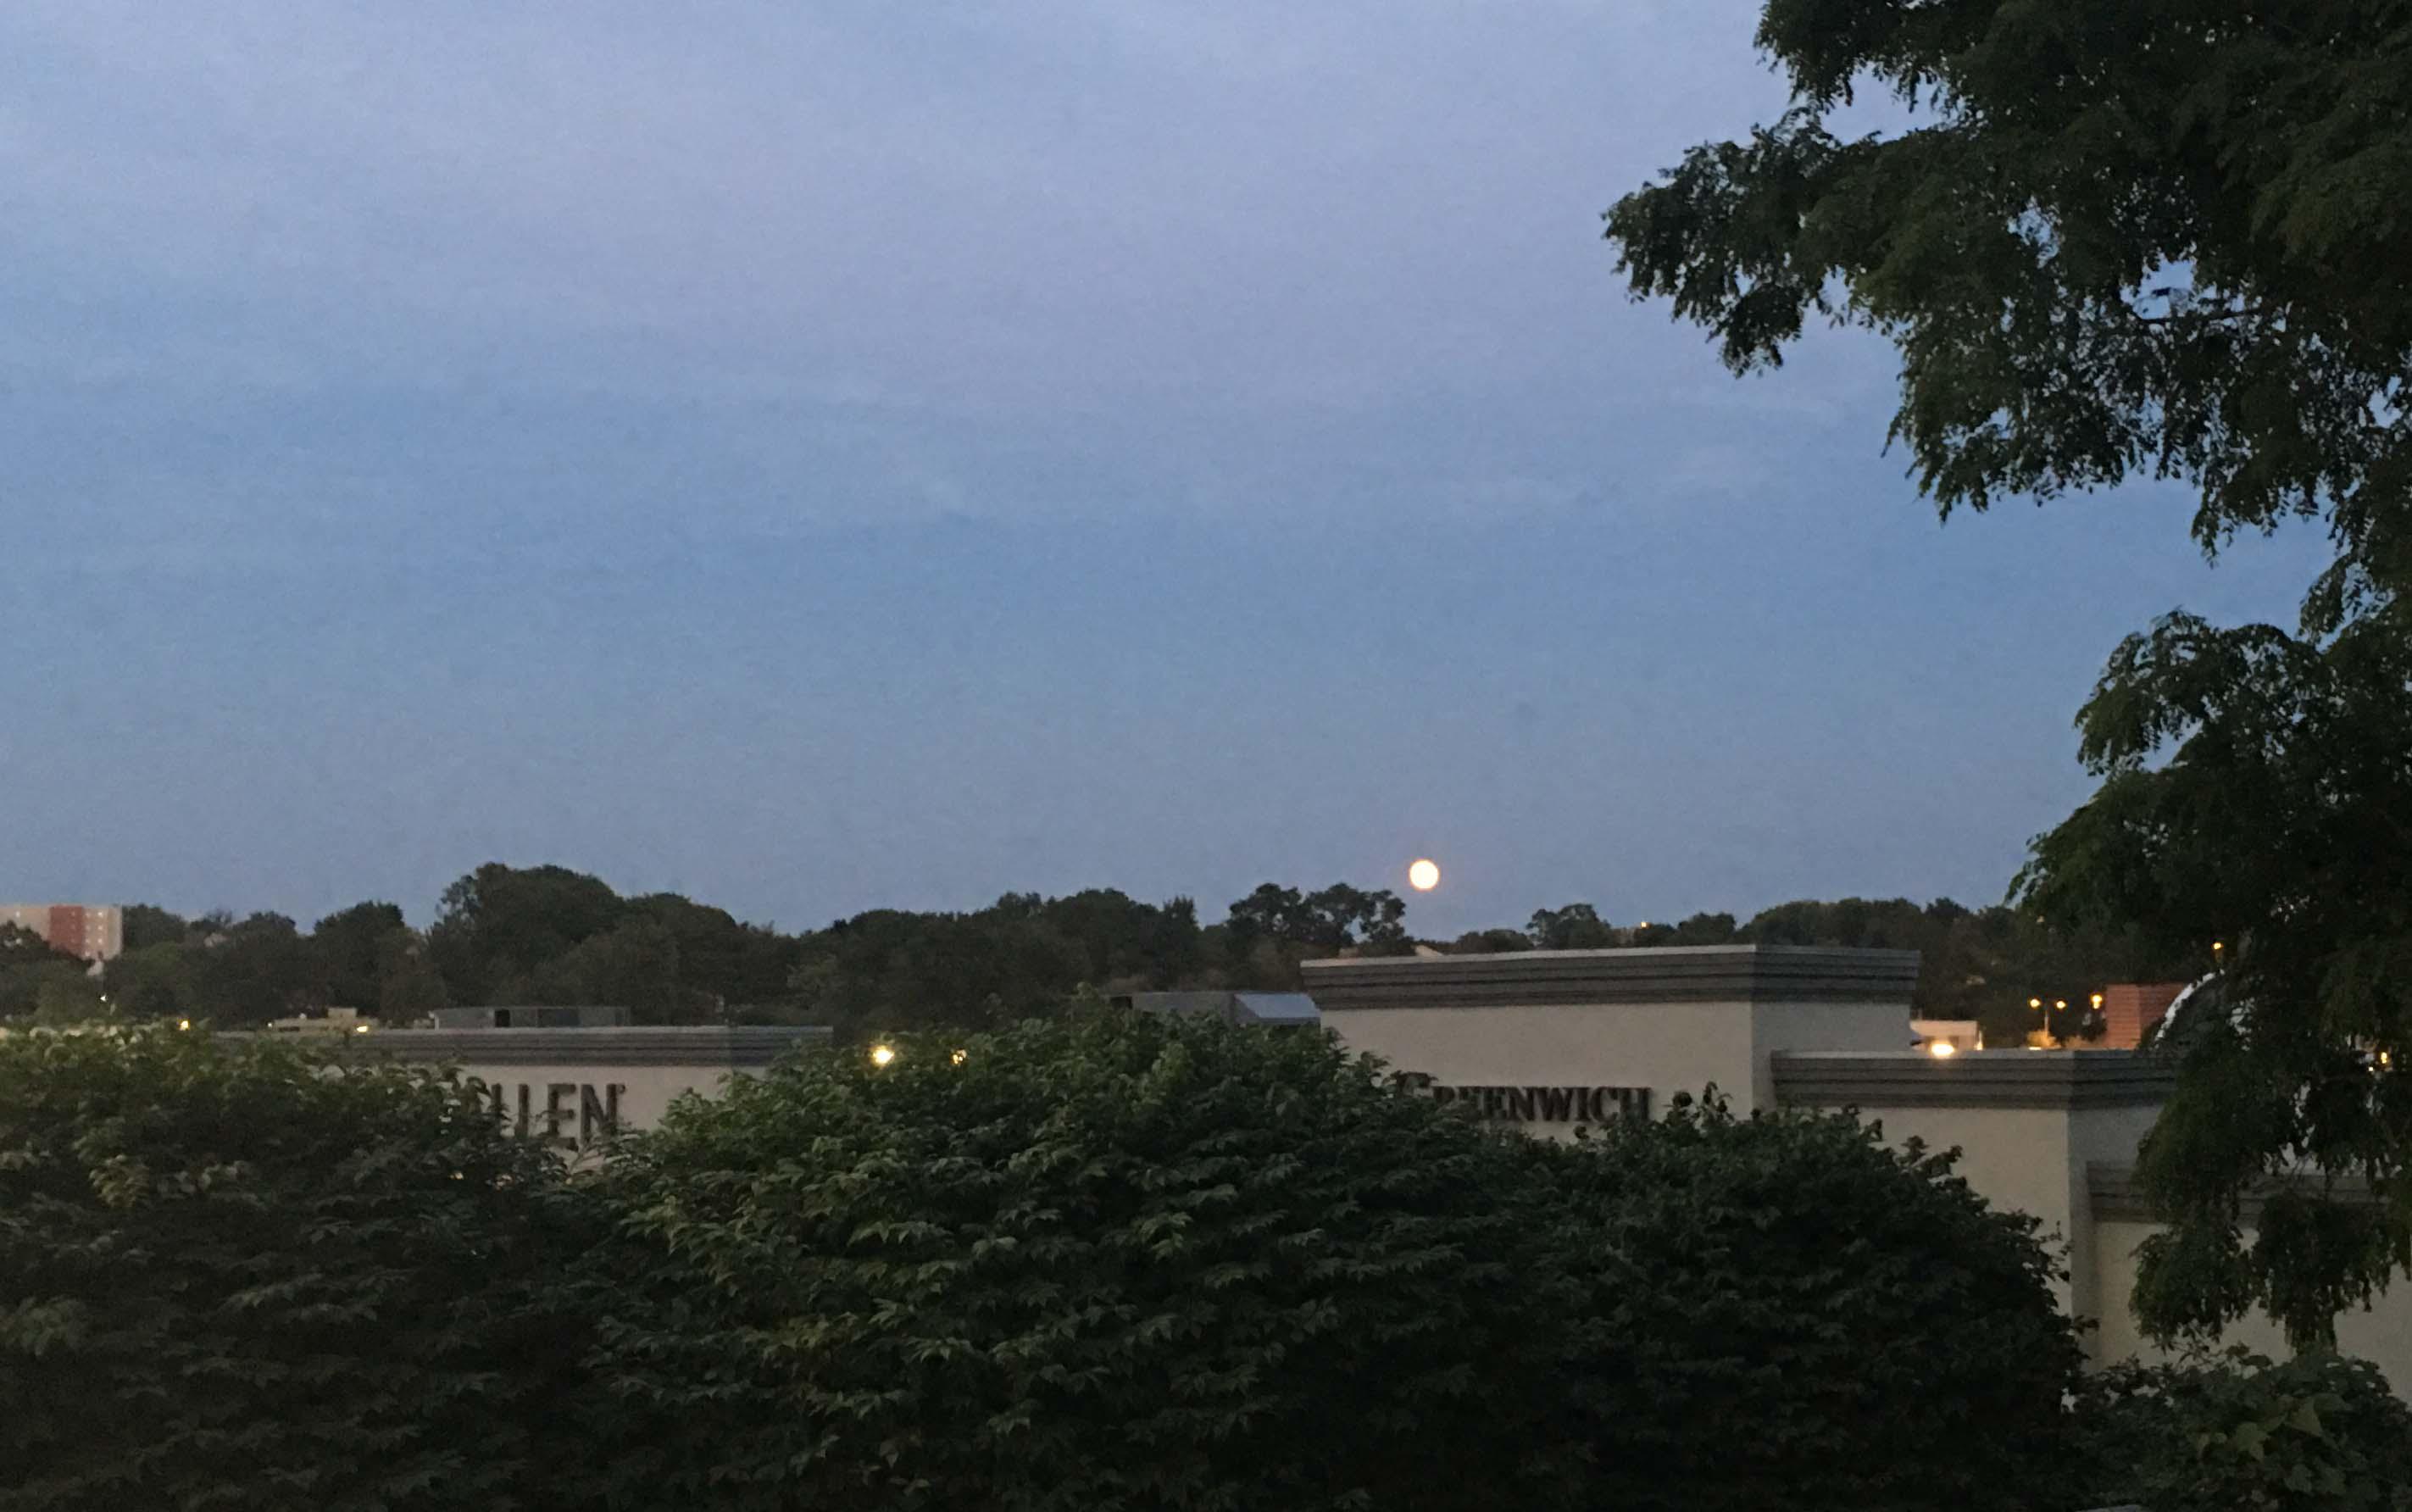 Strawbeery moon June 20 2016